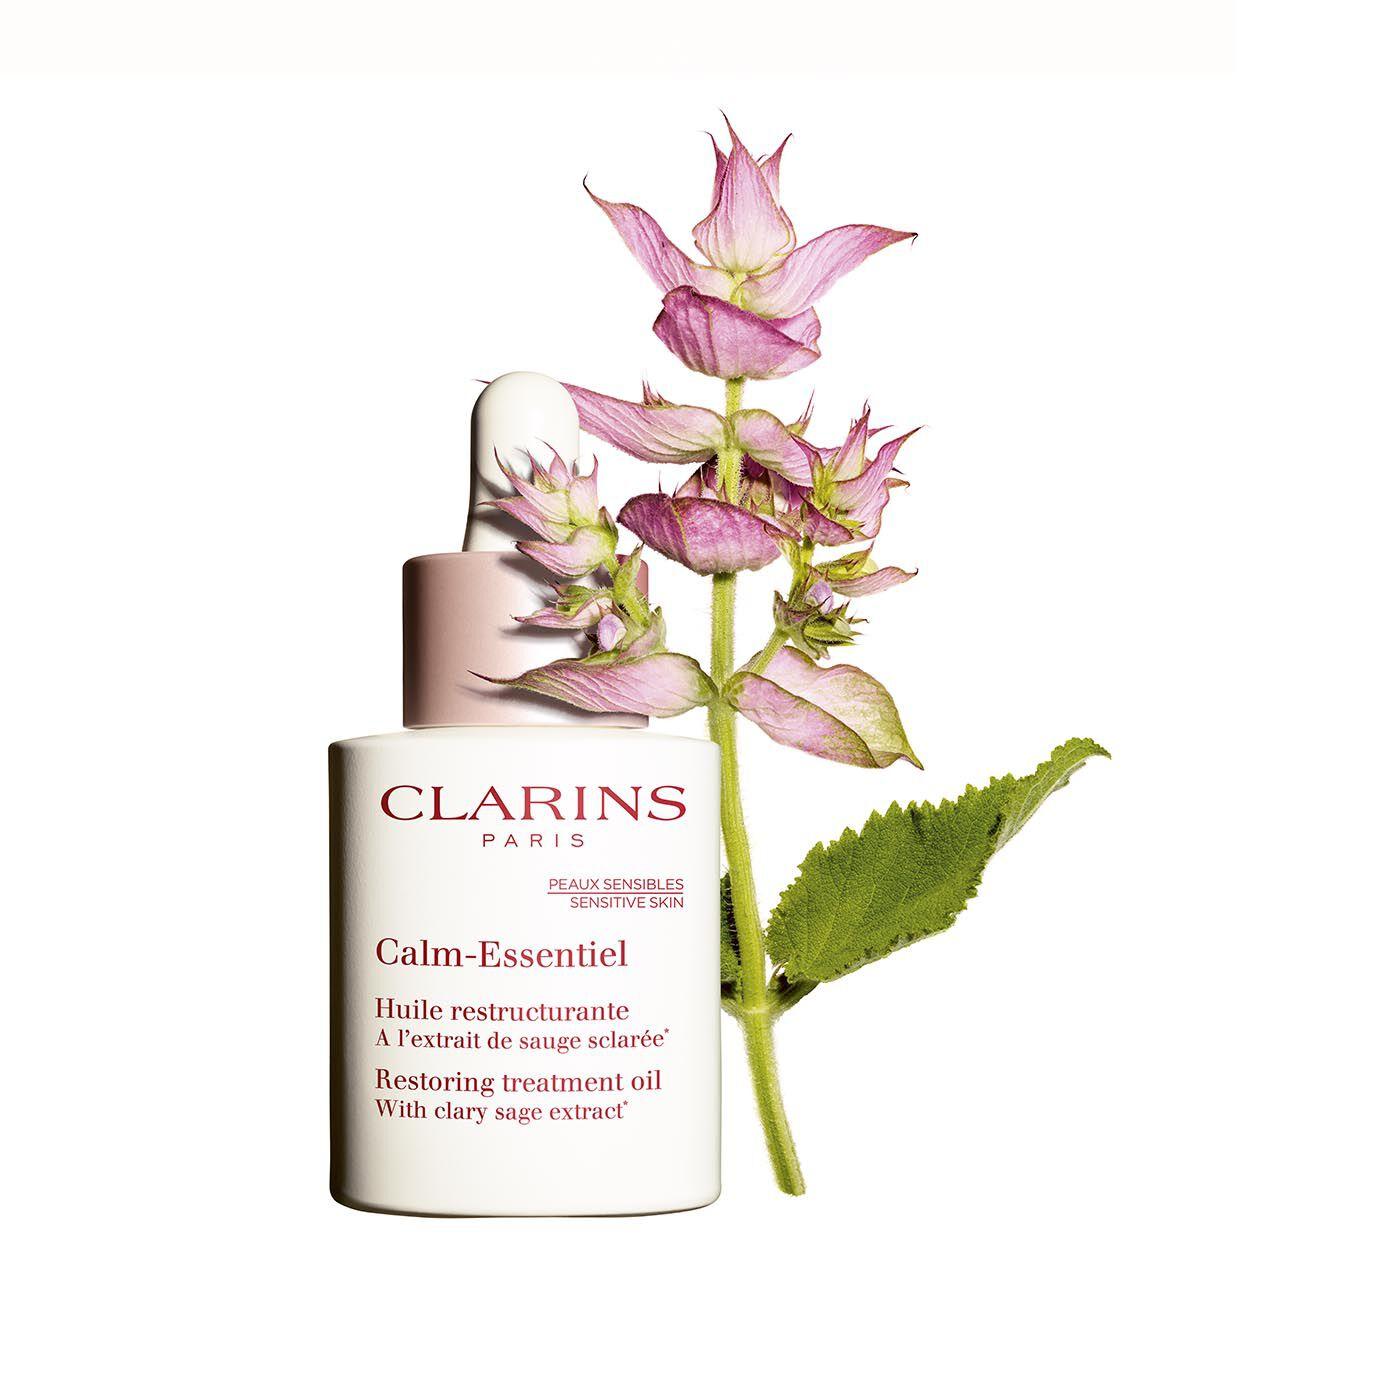 Calm-Essentiel Huile restructurante Gesichtspflege-Öl für sensible Haut